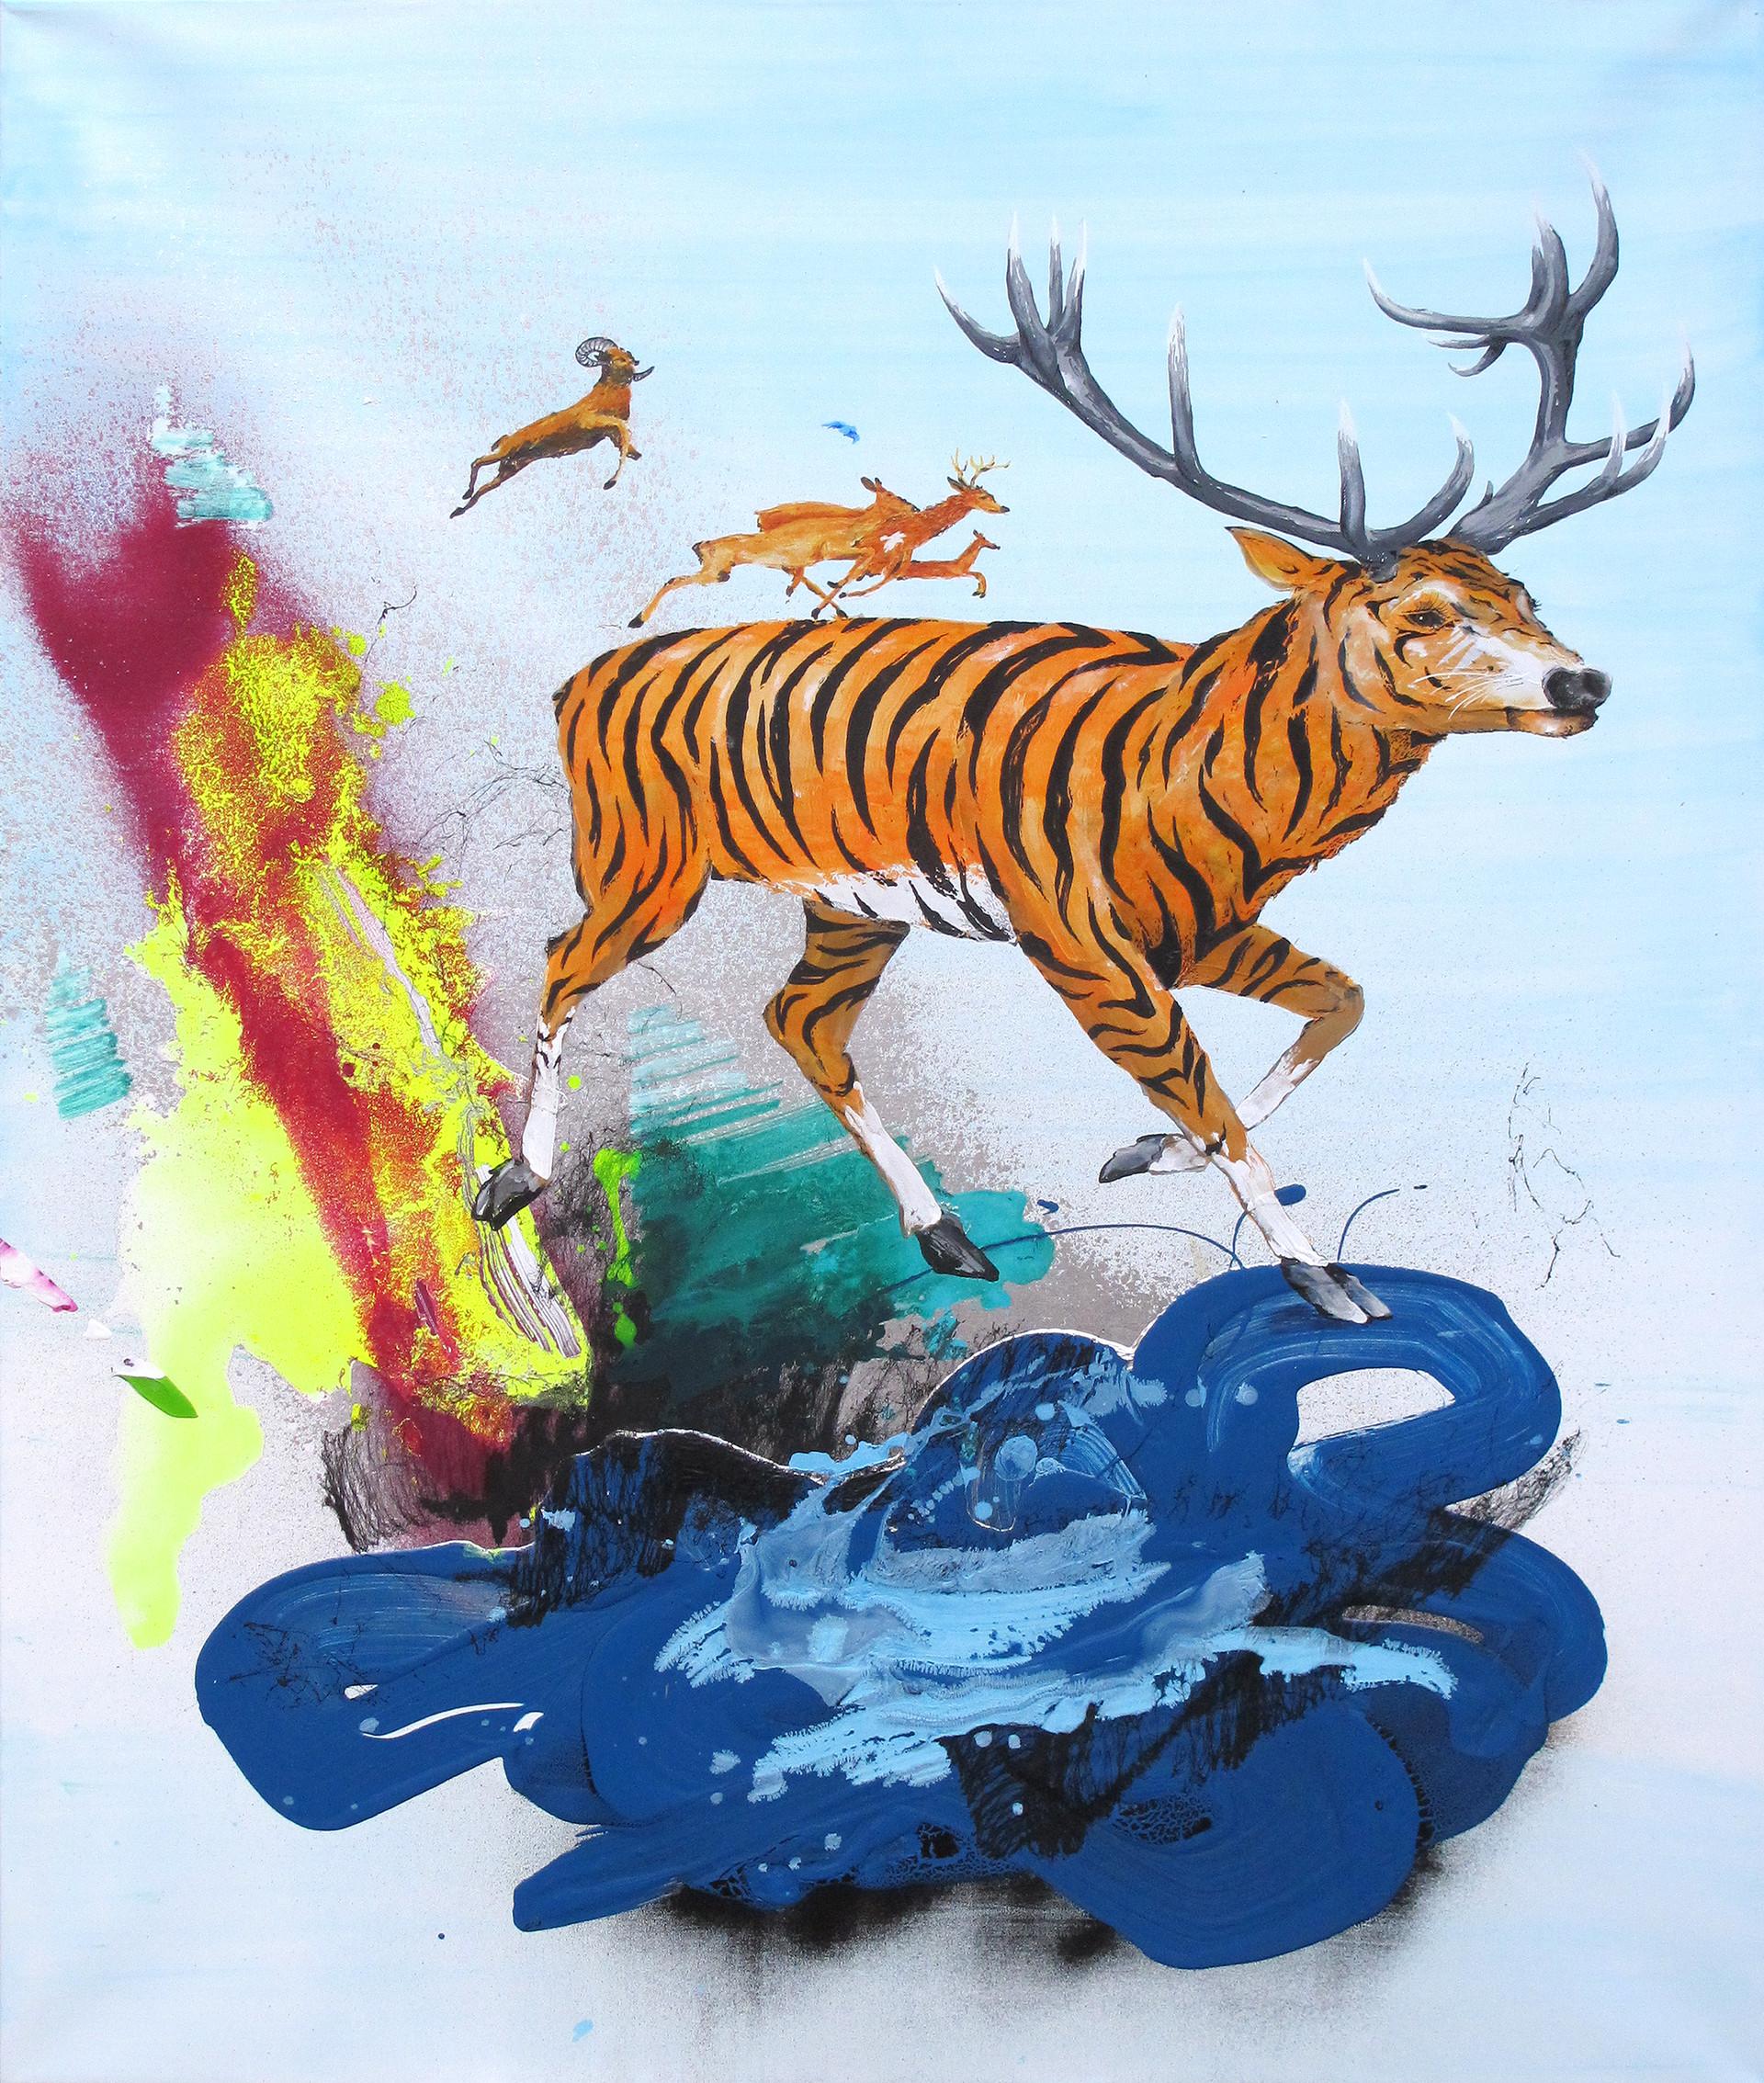 Tigerdeer